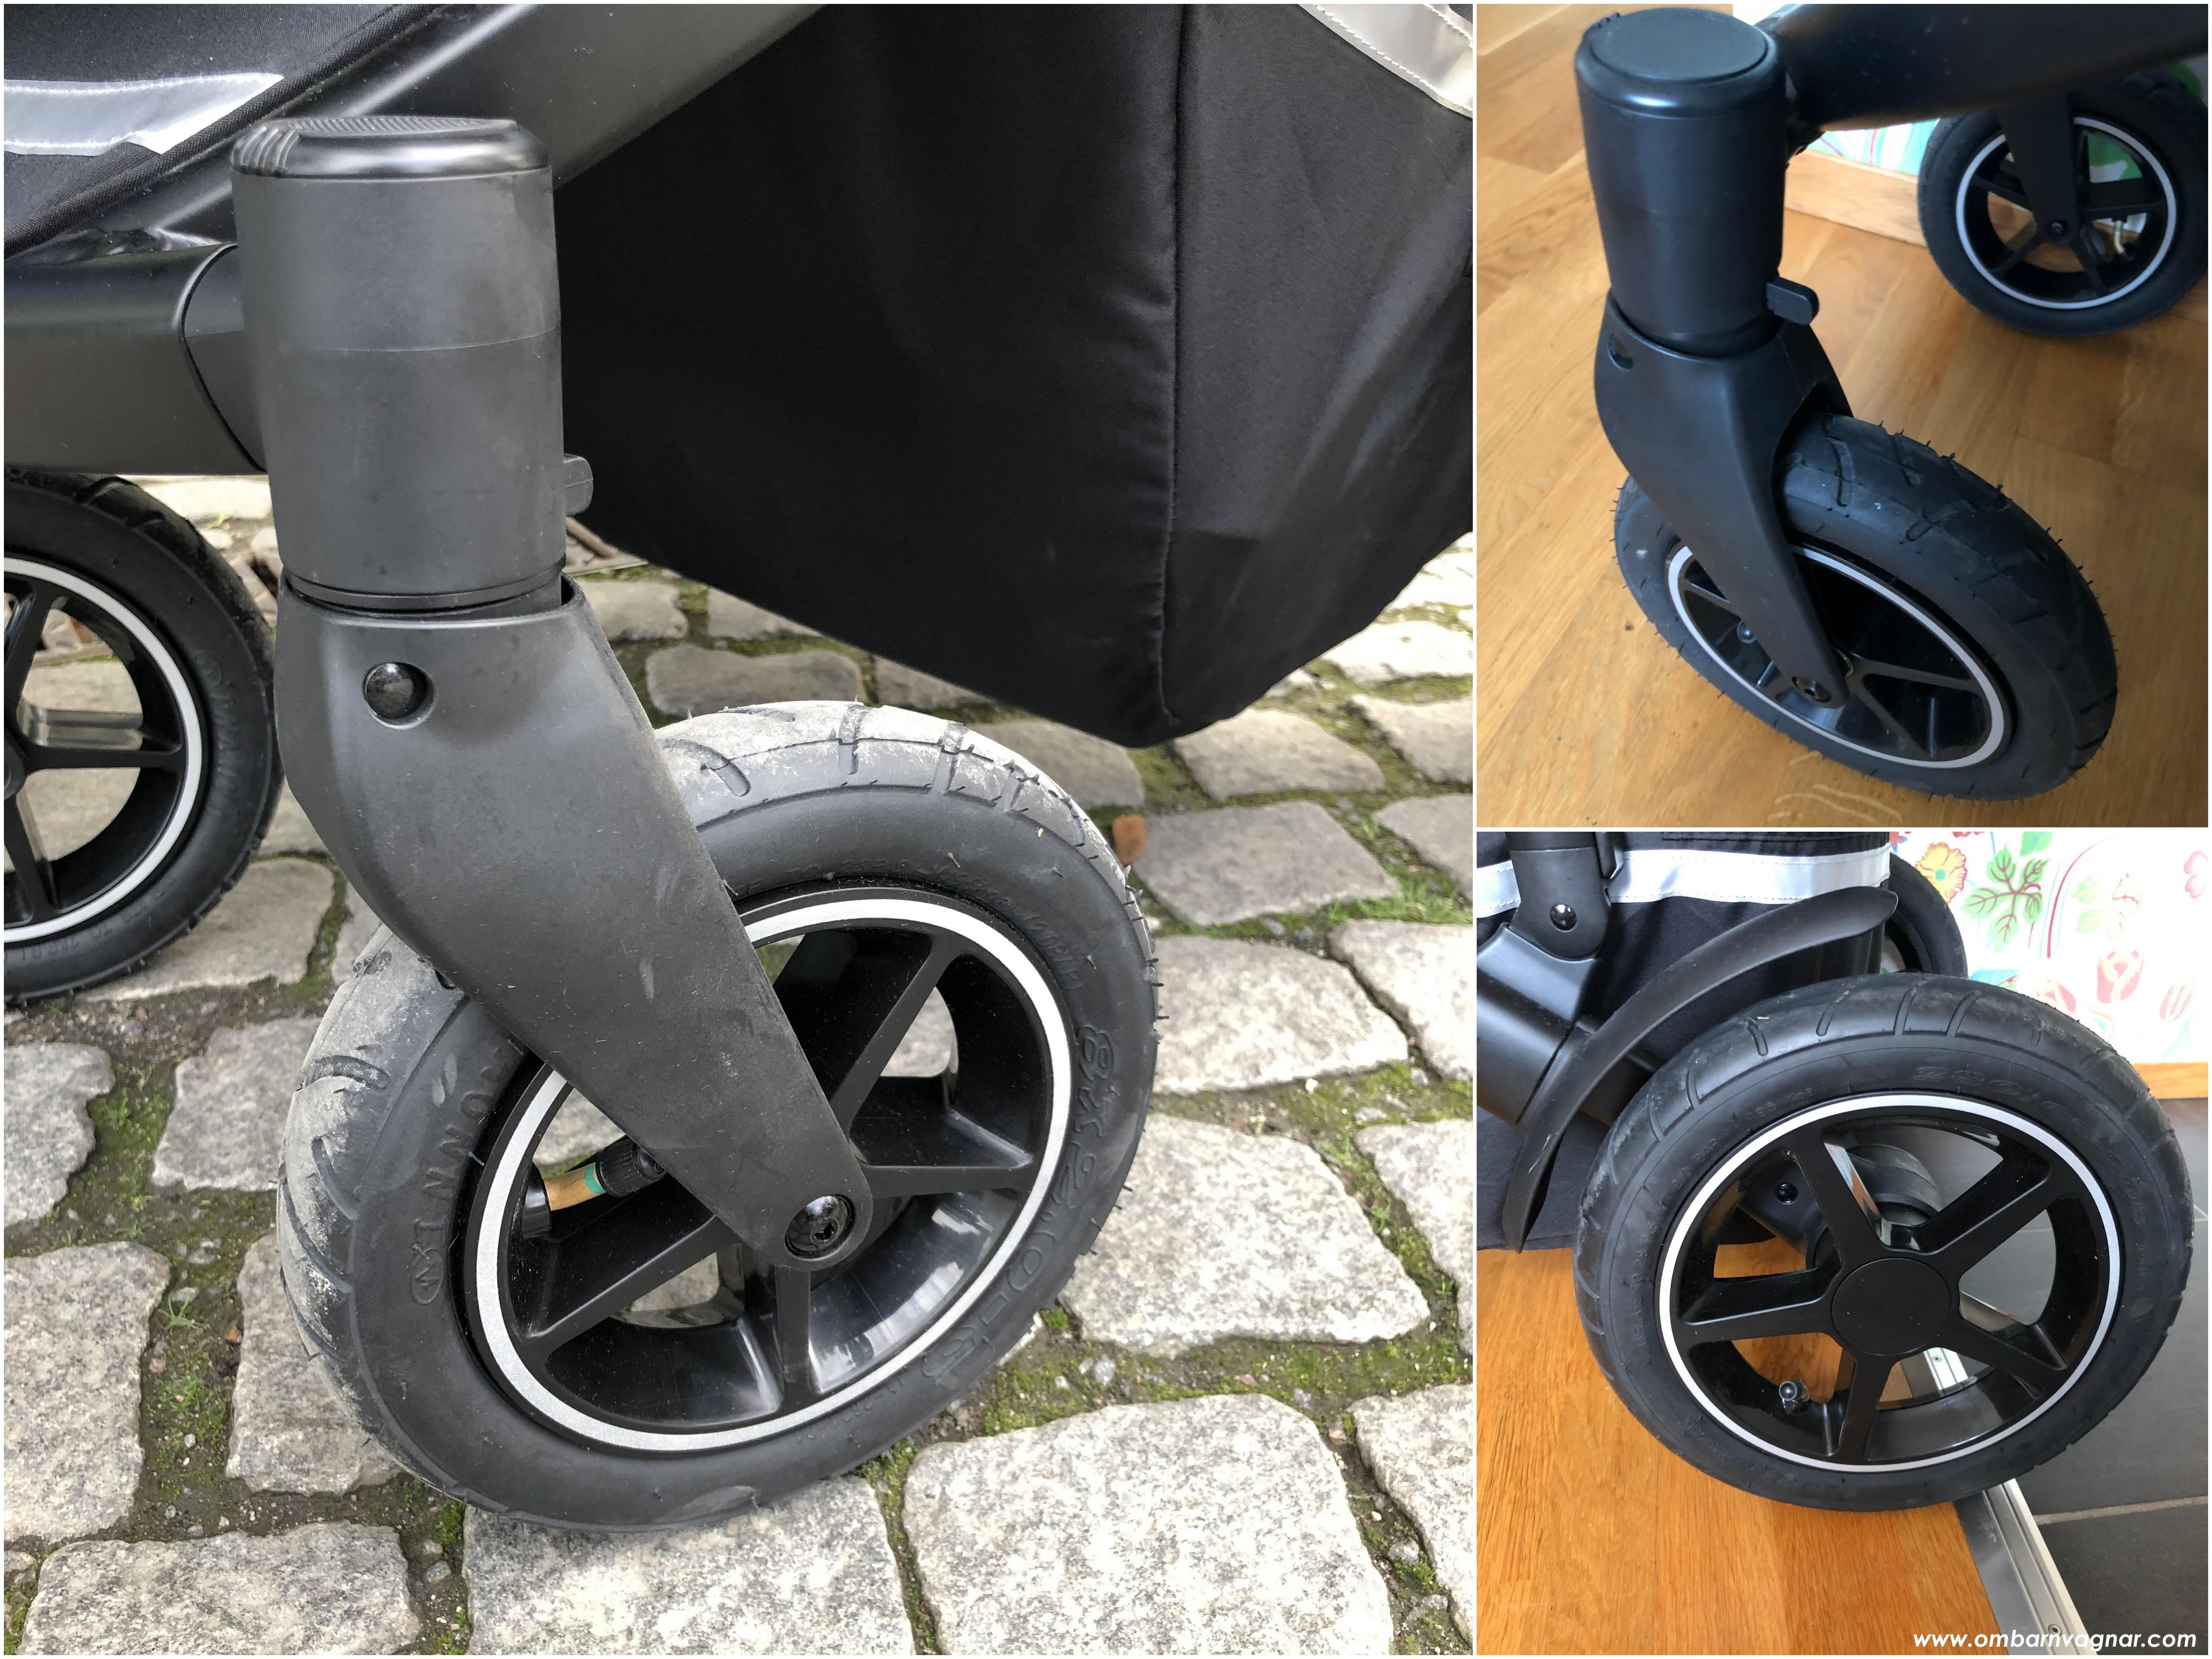 Britax Smile 3 har stora lufthjul, de främre är svängbara men kan låsas